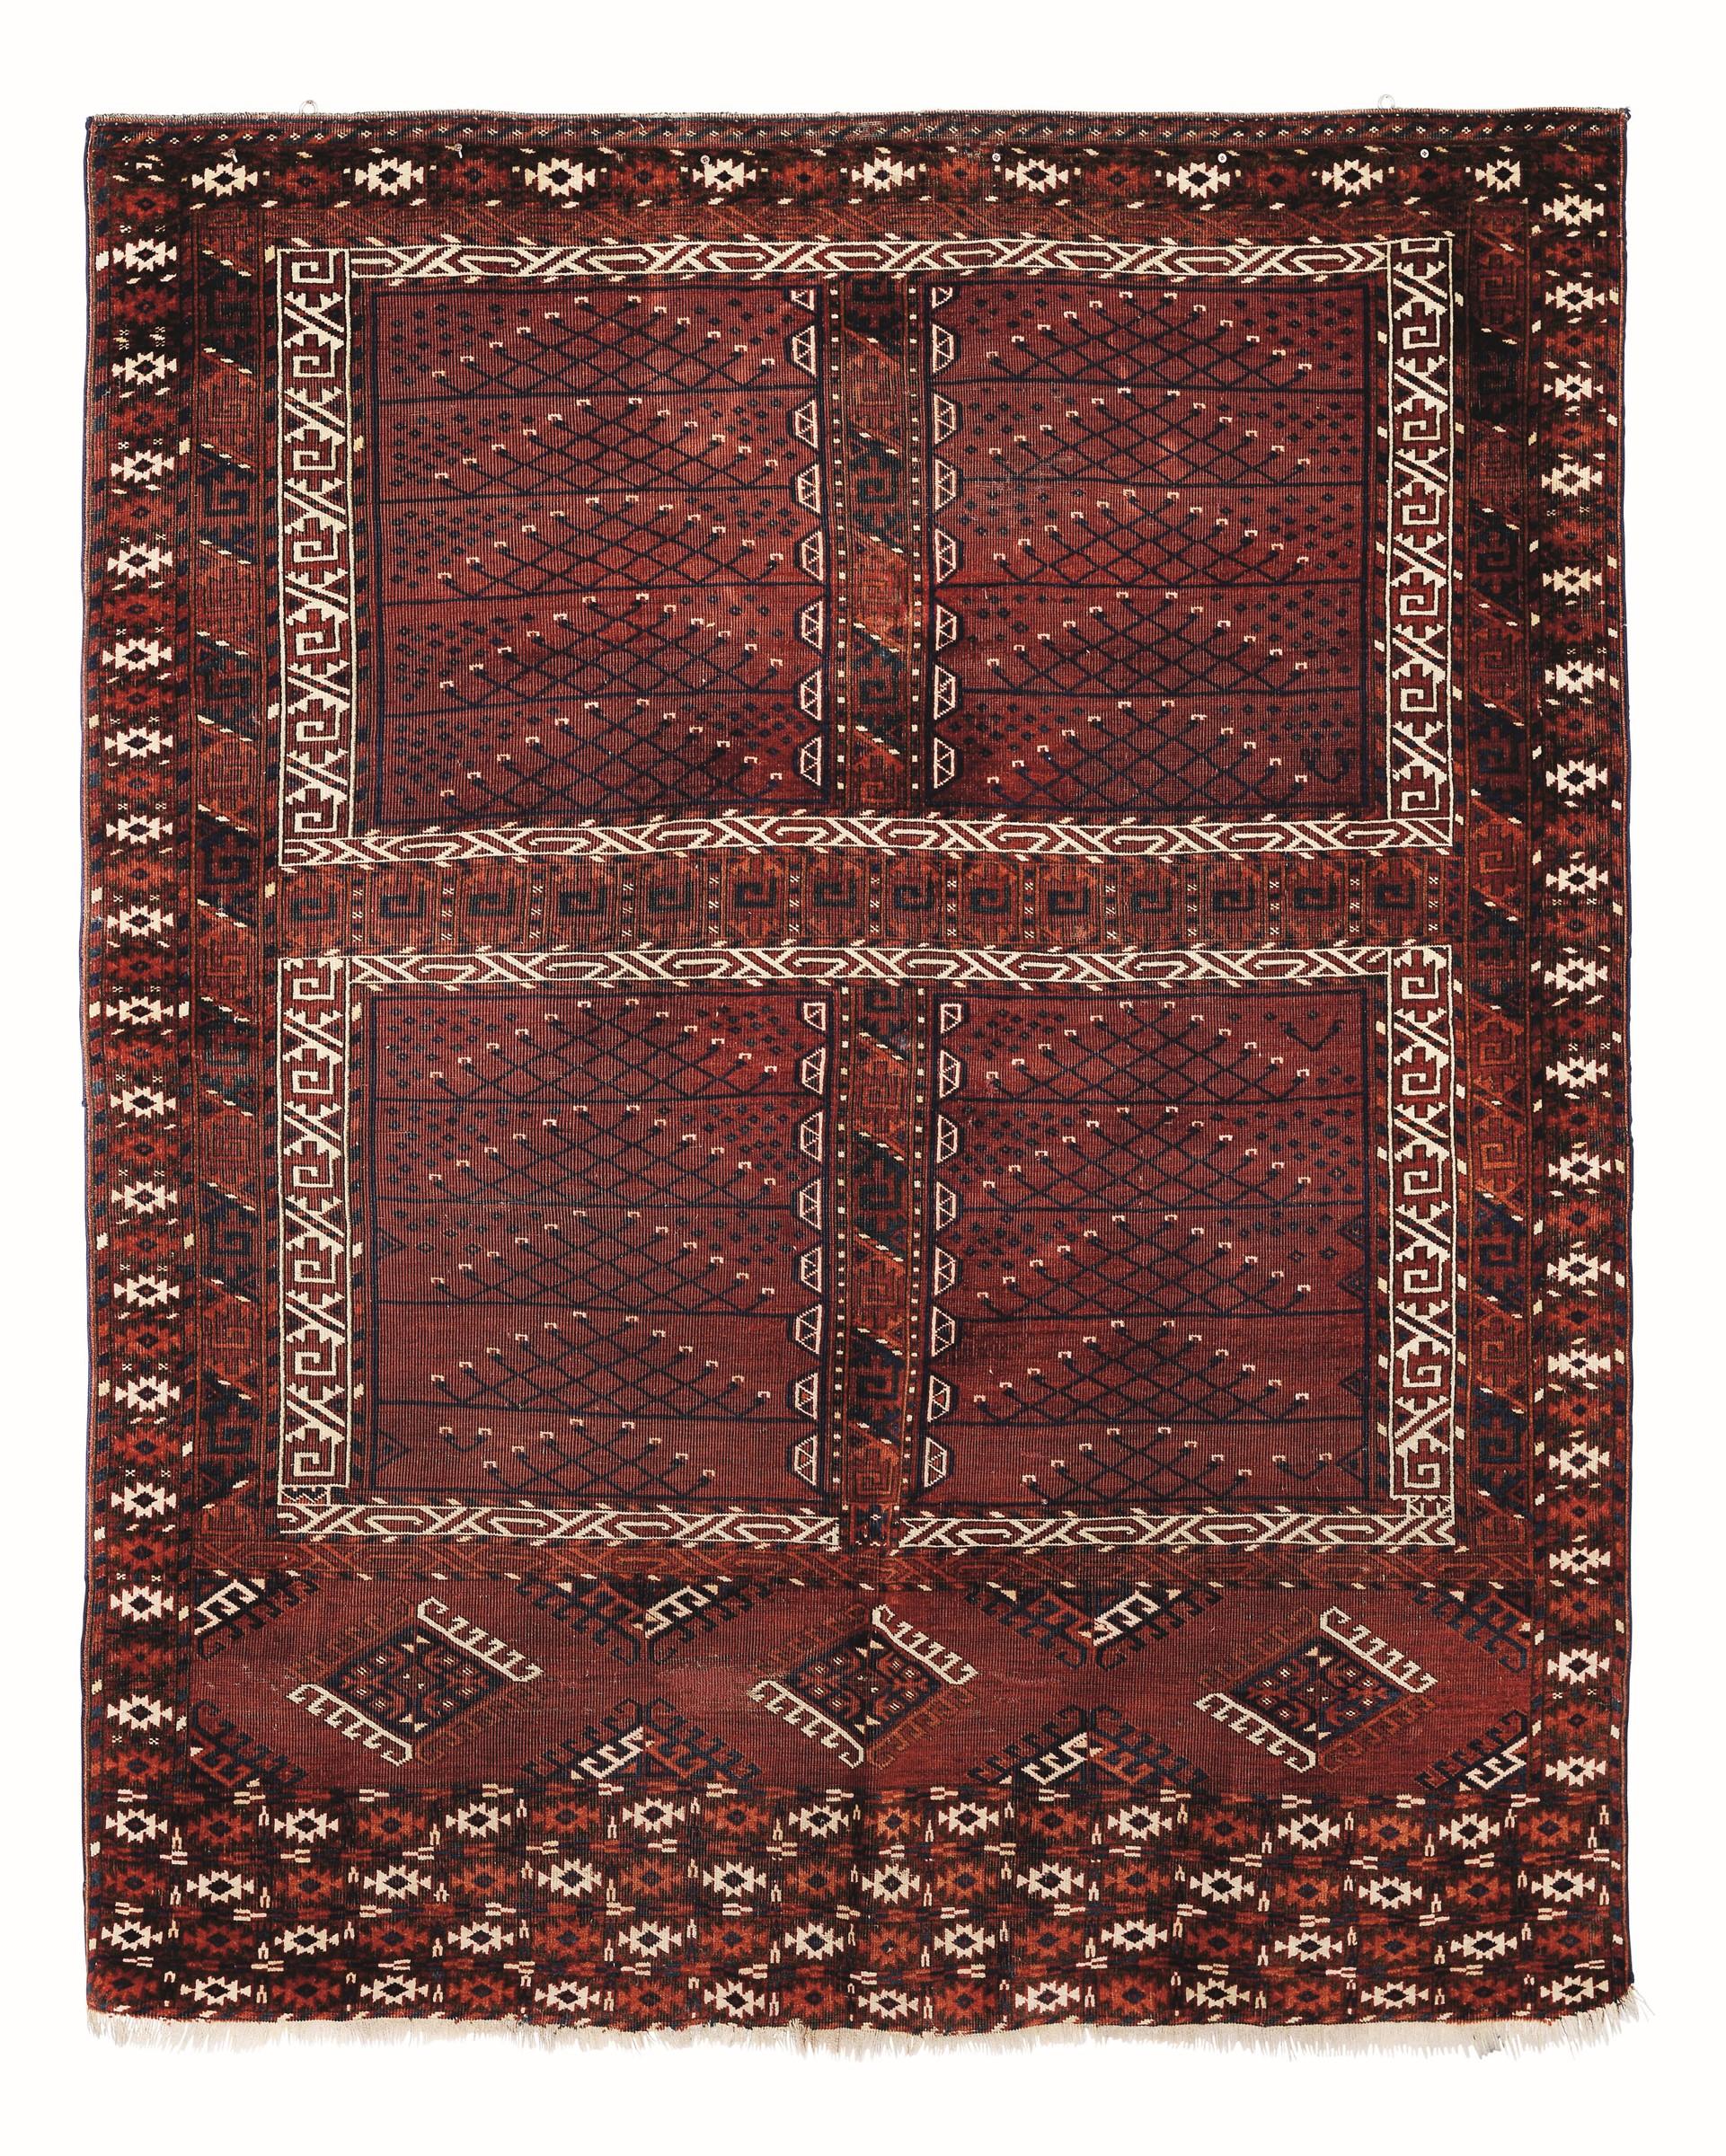 Ensi Kizil-Ayak, Turkestan occidentale fine XIX secolo, - questa tipologia di [...]